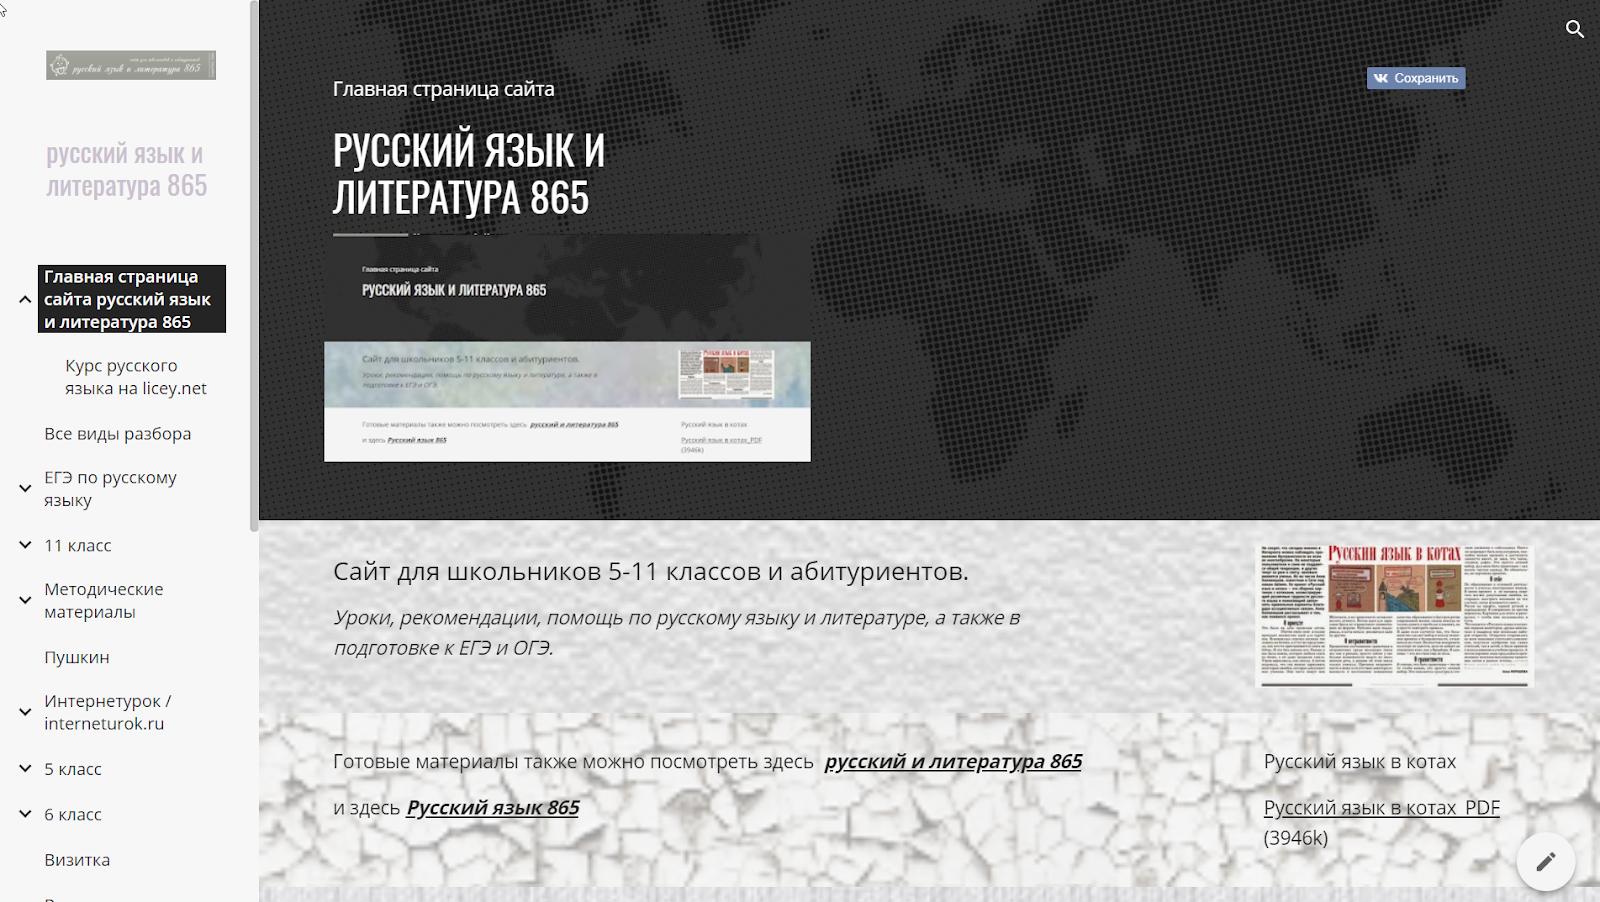 Главная страница сайта   РУССКИЙ ЯЗЫК И ЛИТЕРАТУРА 865